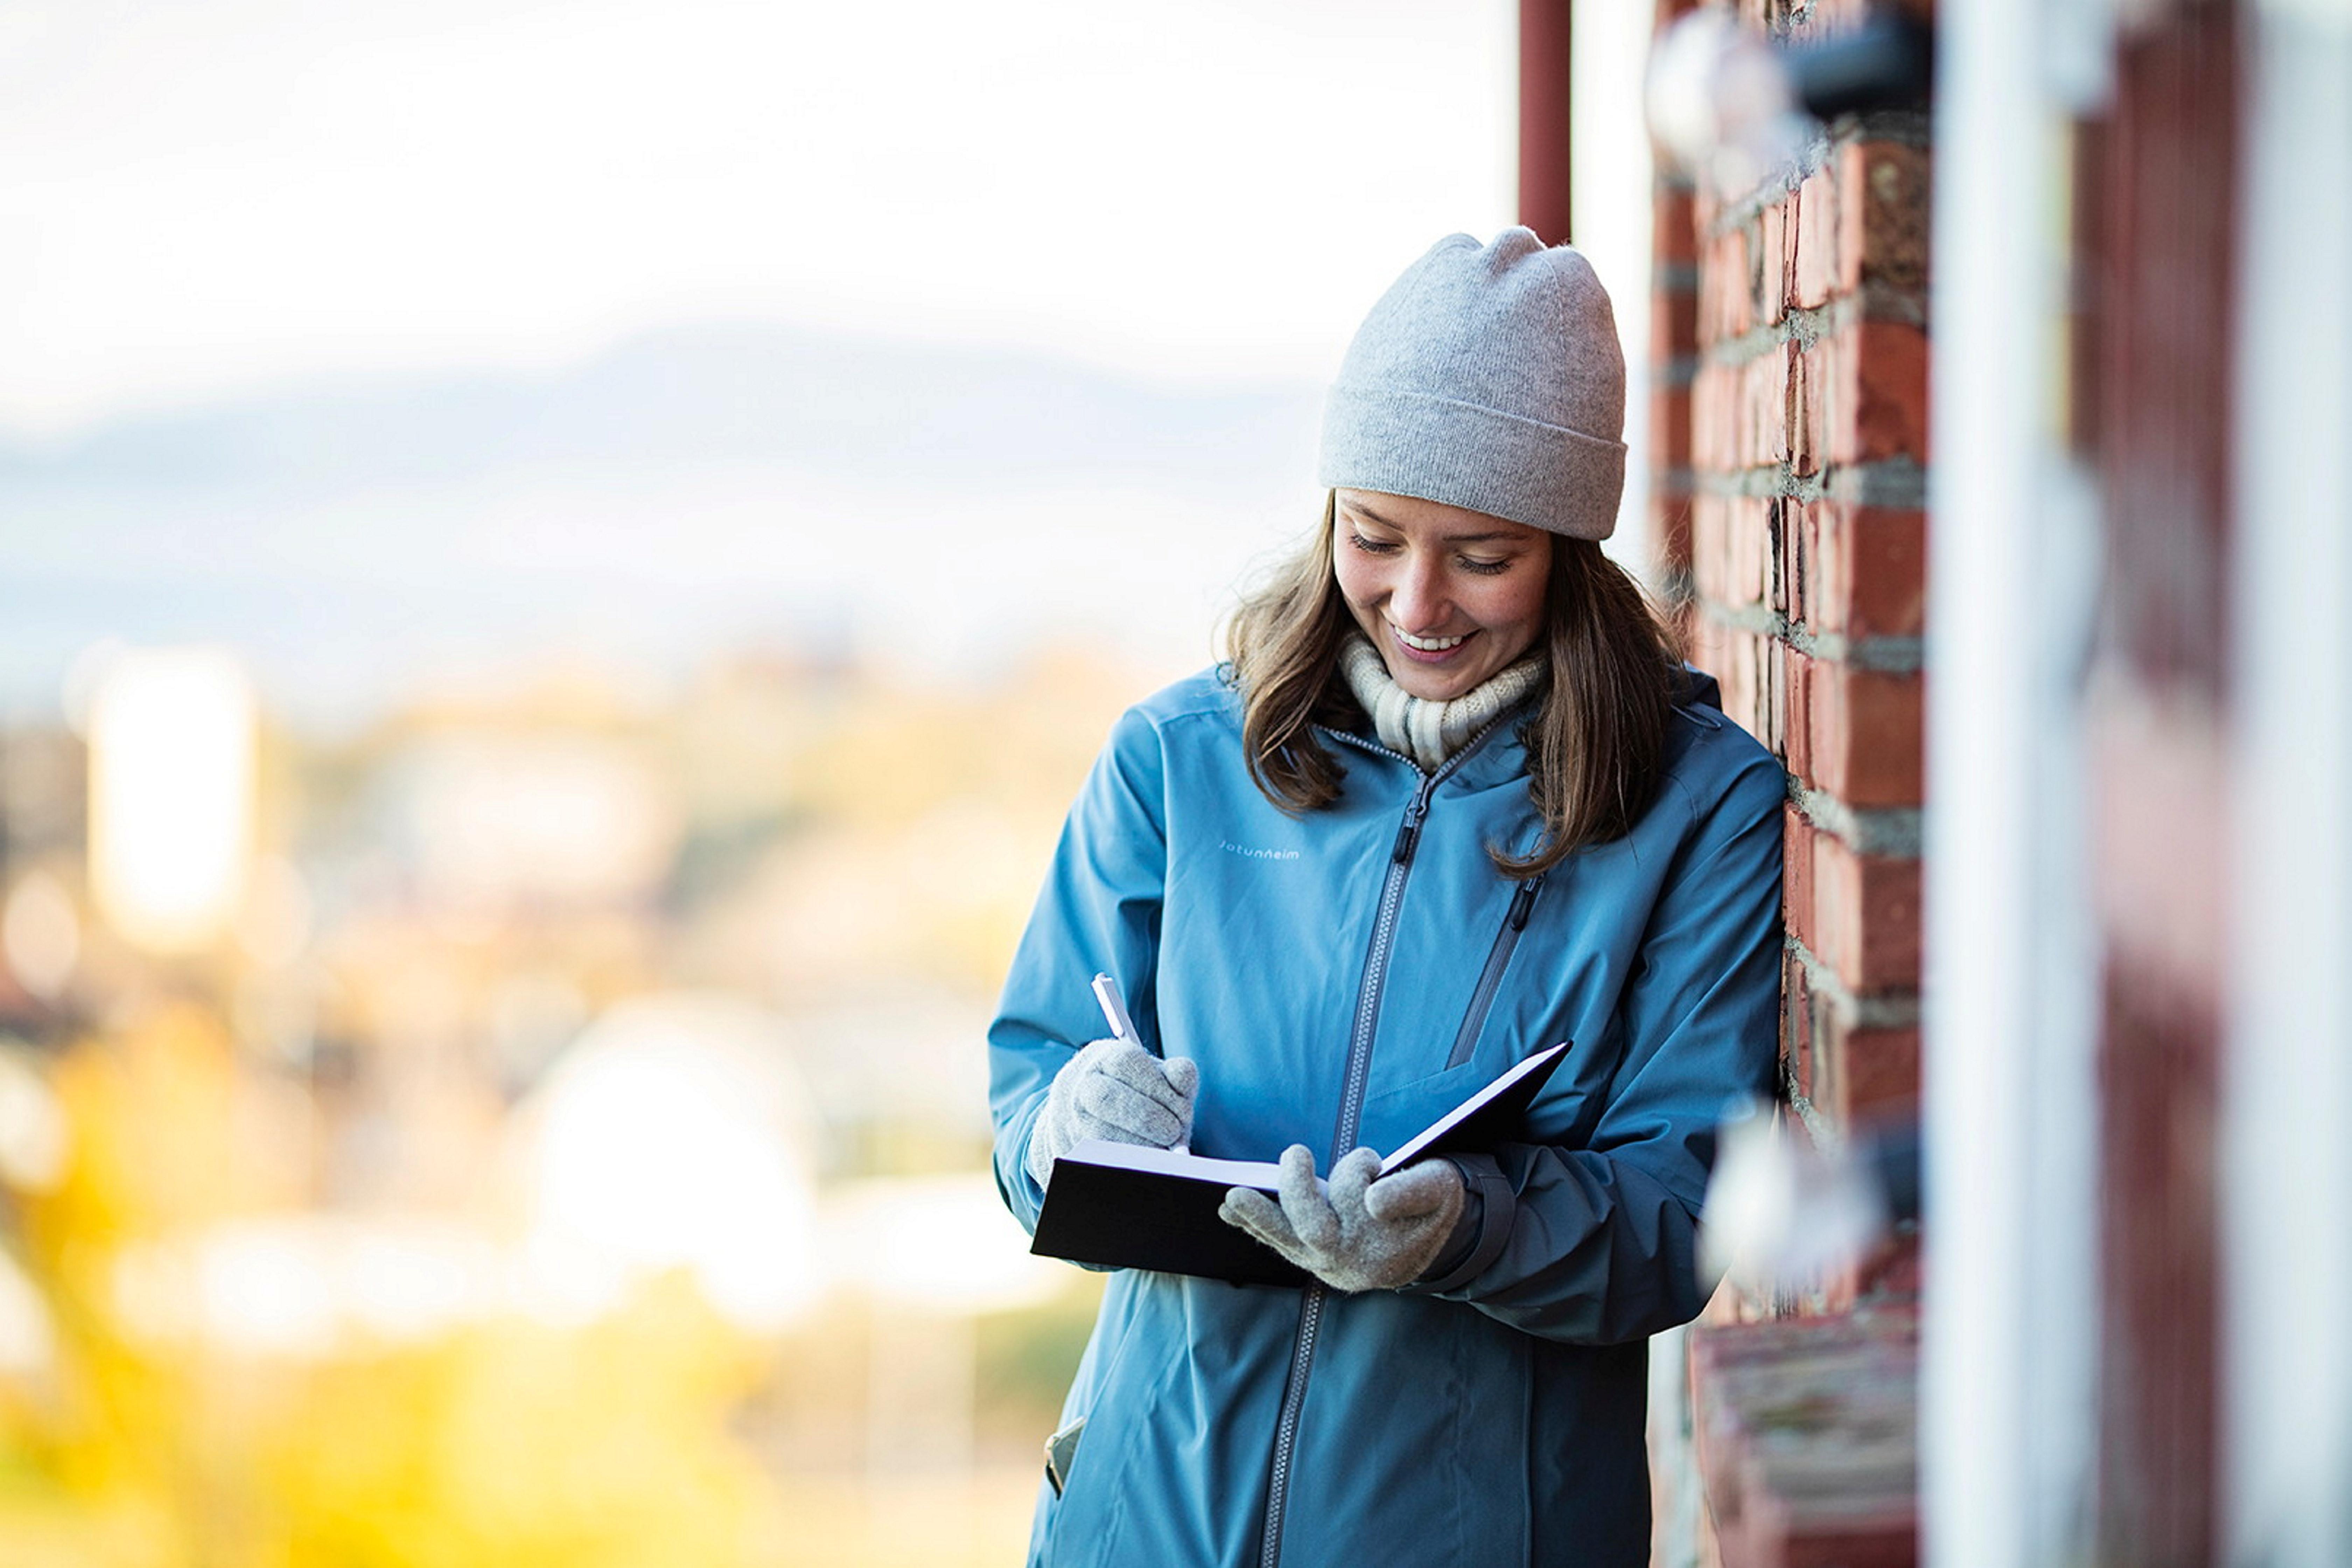 Student som smiler og holder en bok utendørs. Bilde